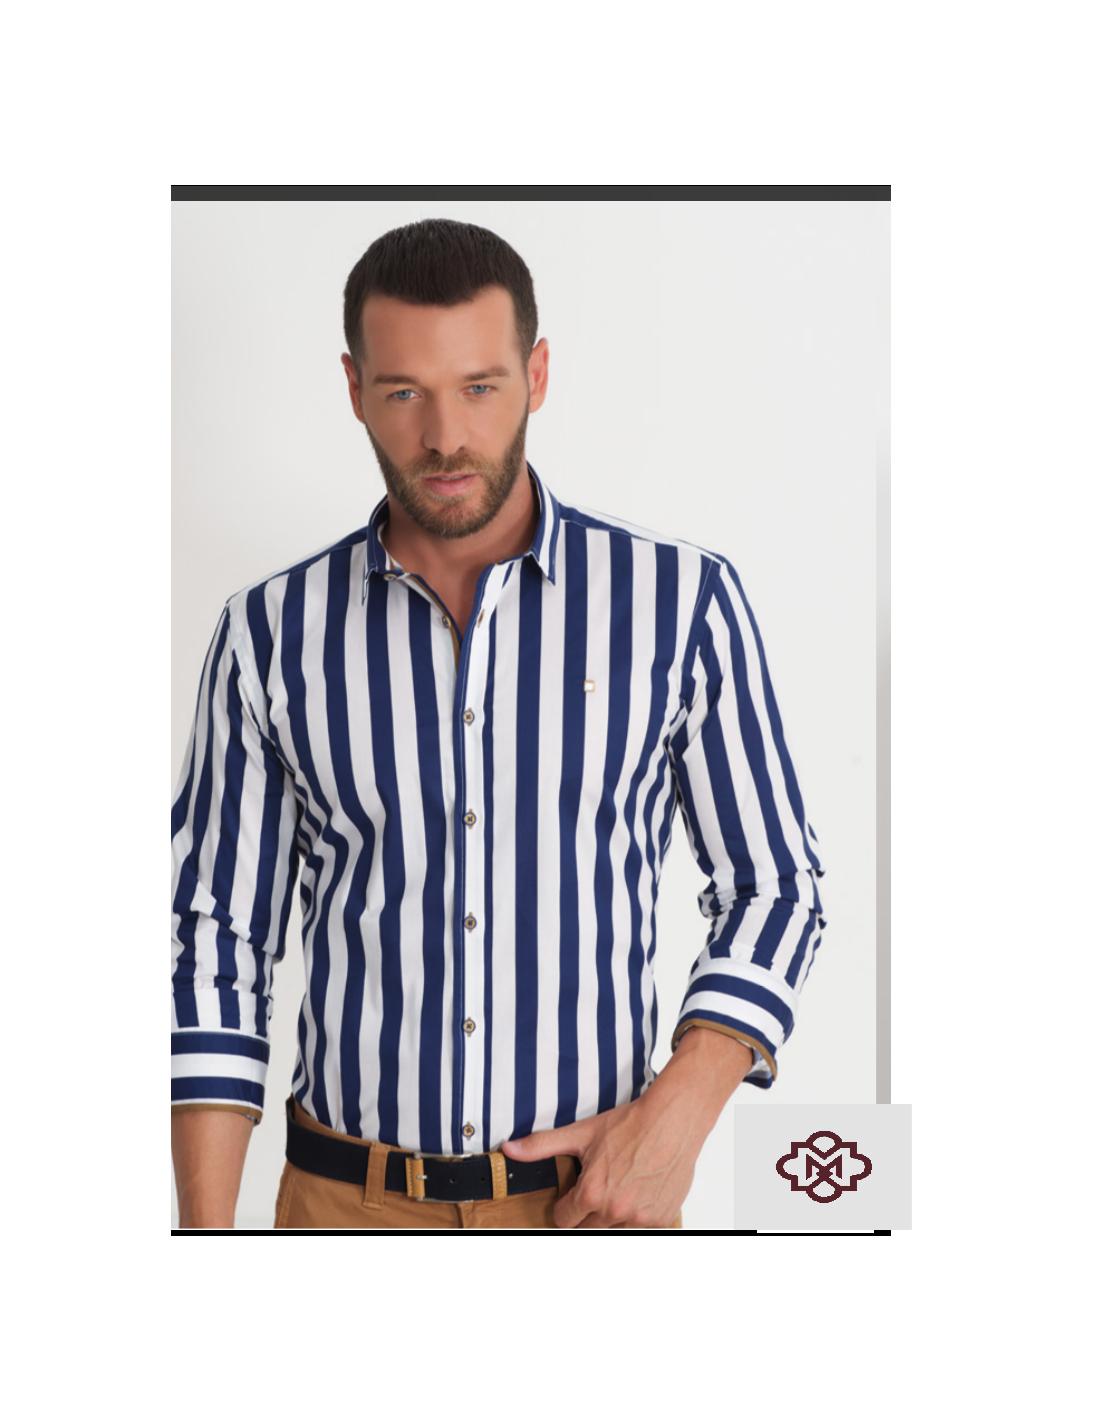 Promoción de S Camiseta - Compra S Camiseta promocionales